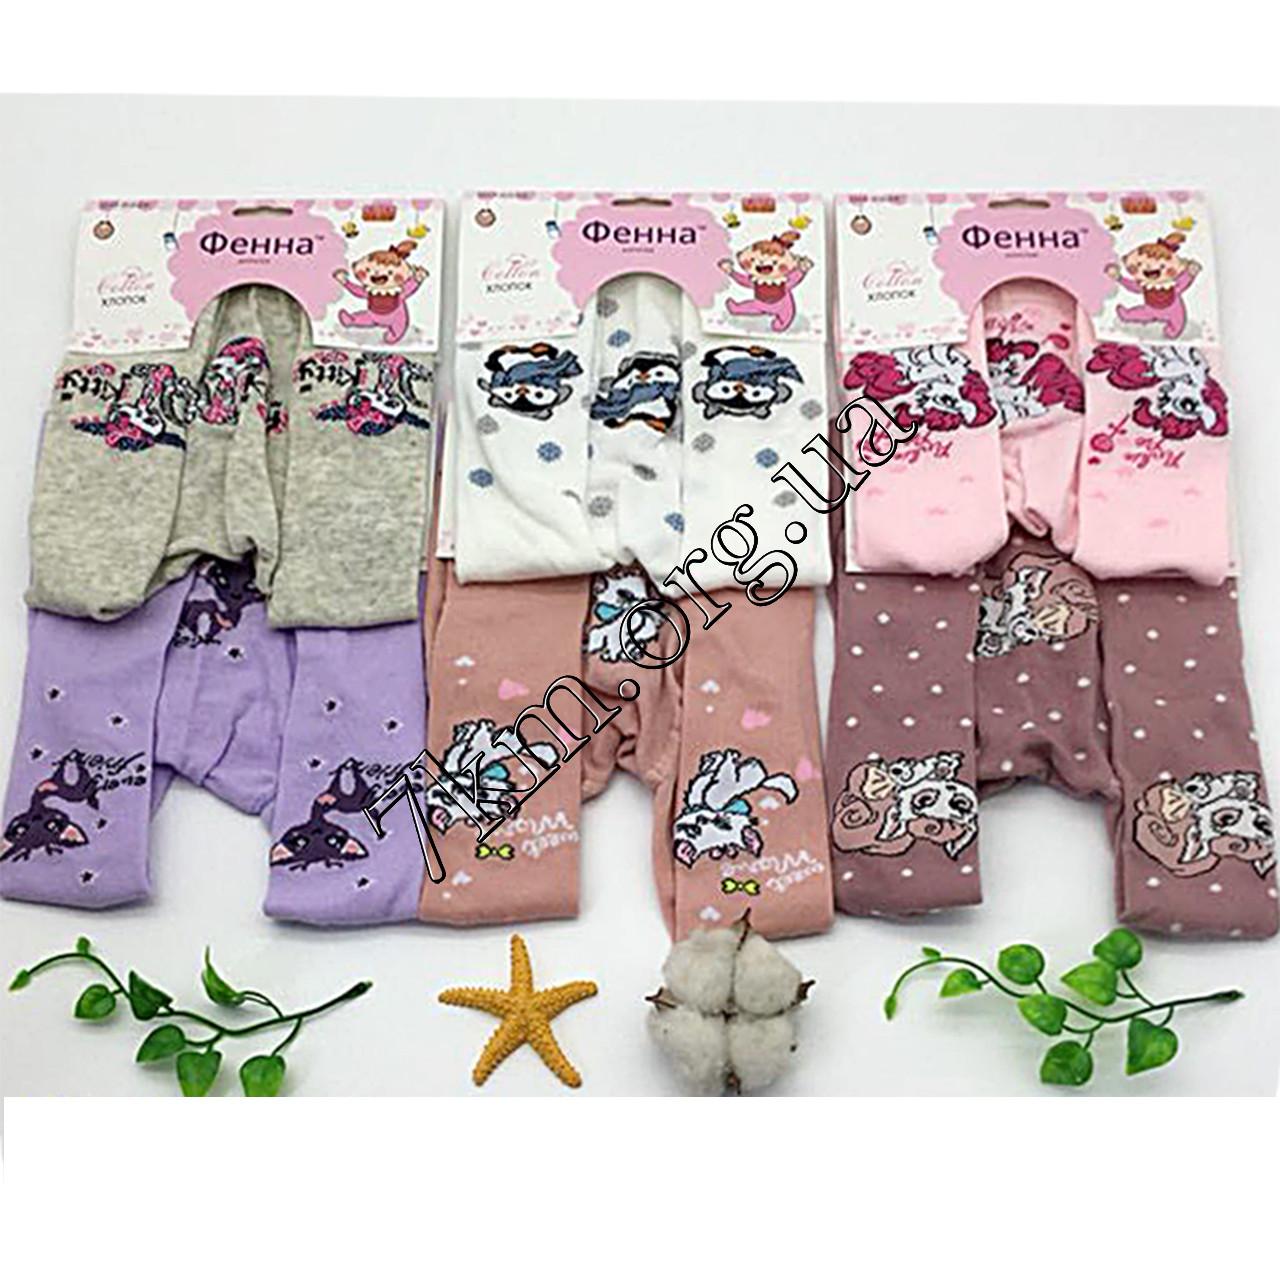 Колготки детские Оптом под памперс для девочек 0-6 месяцев Фенна хлопок GH-K026